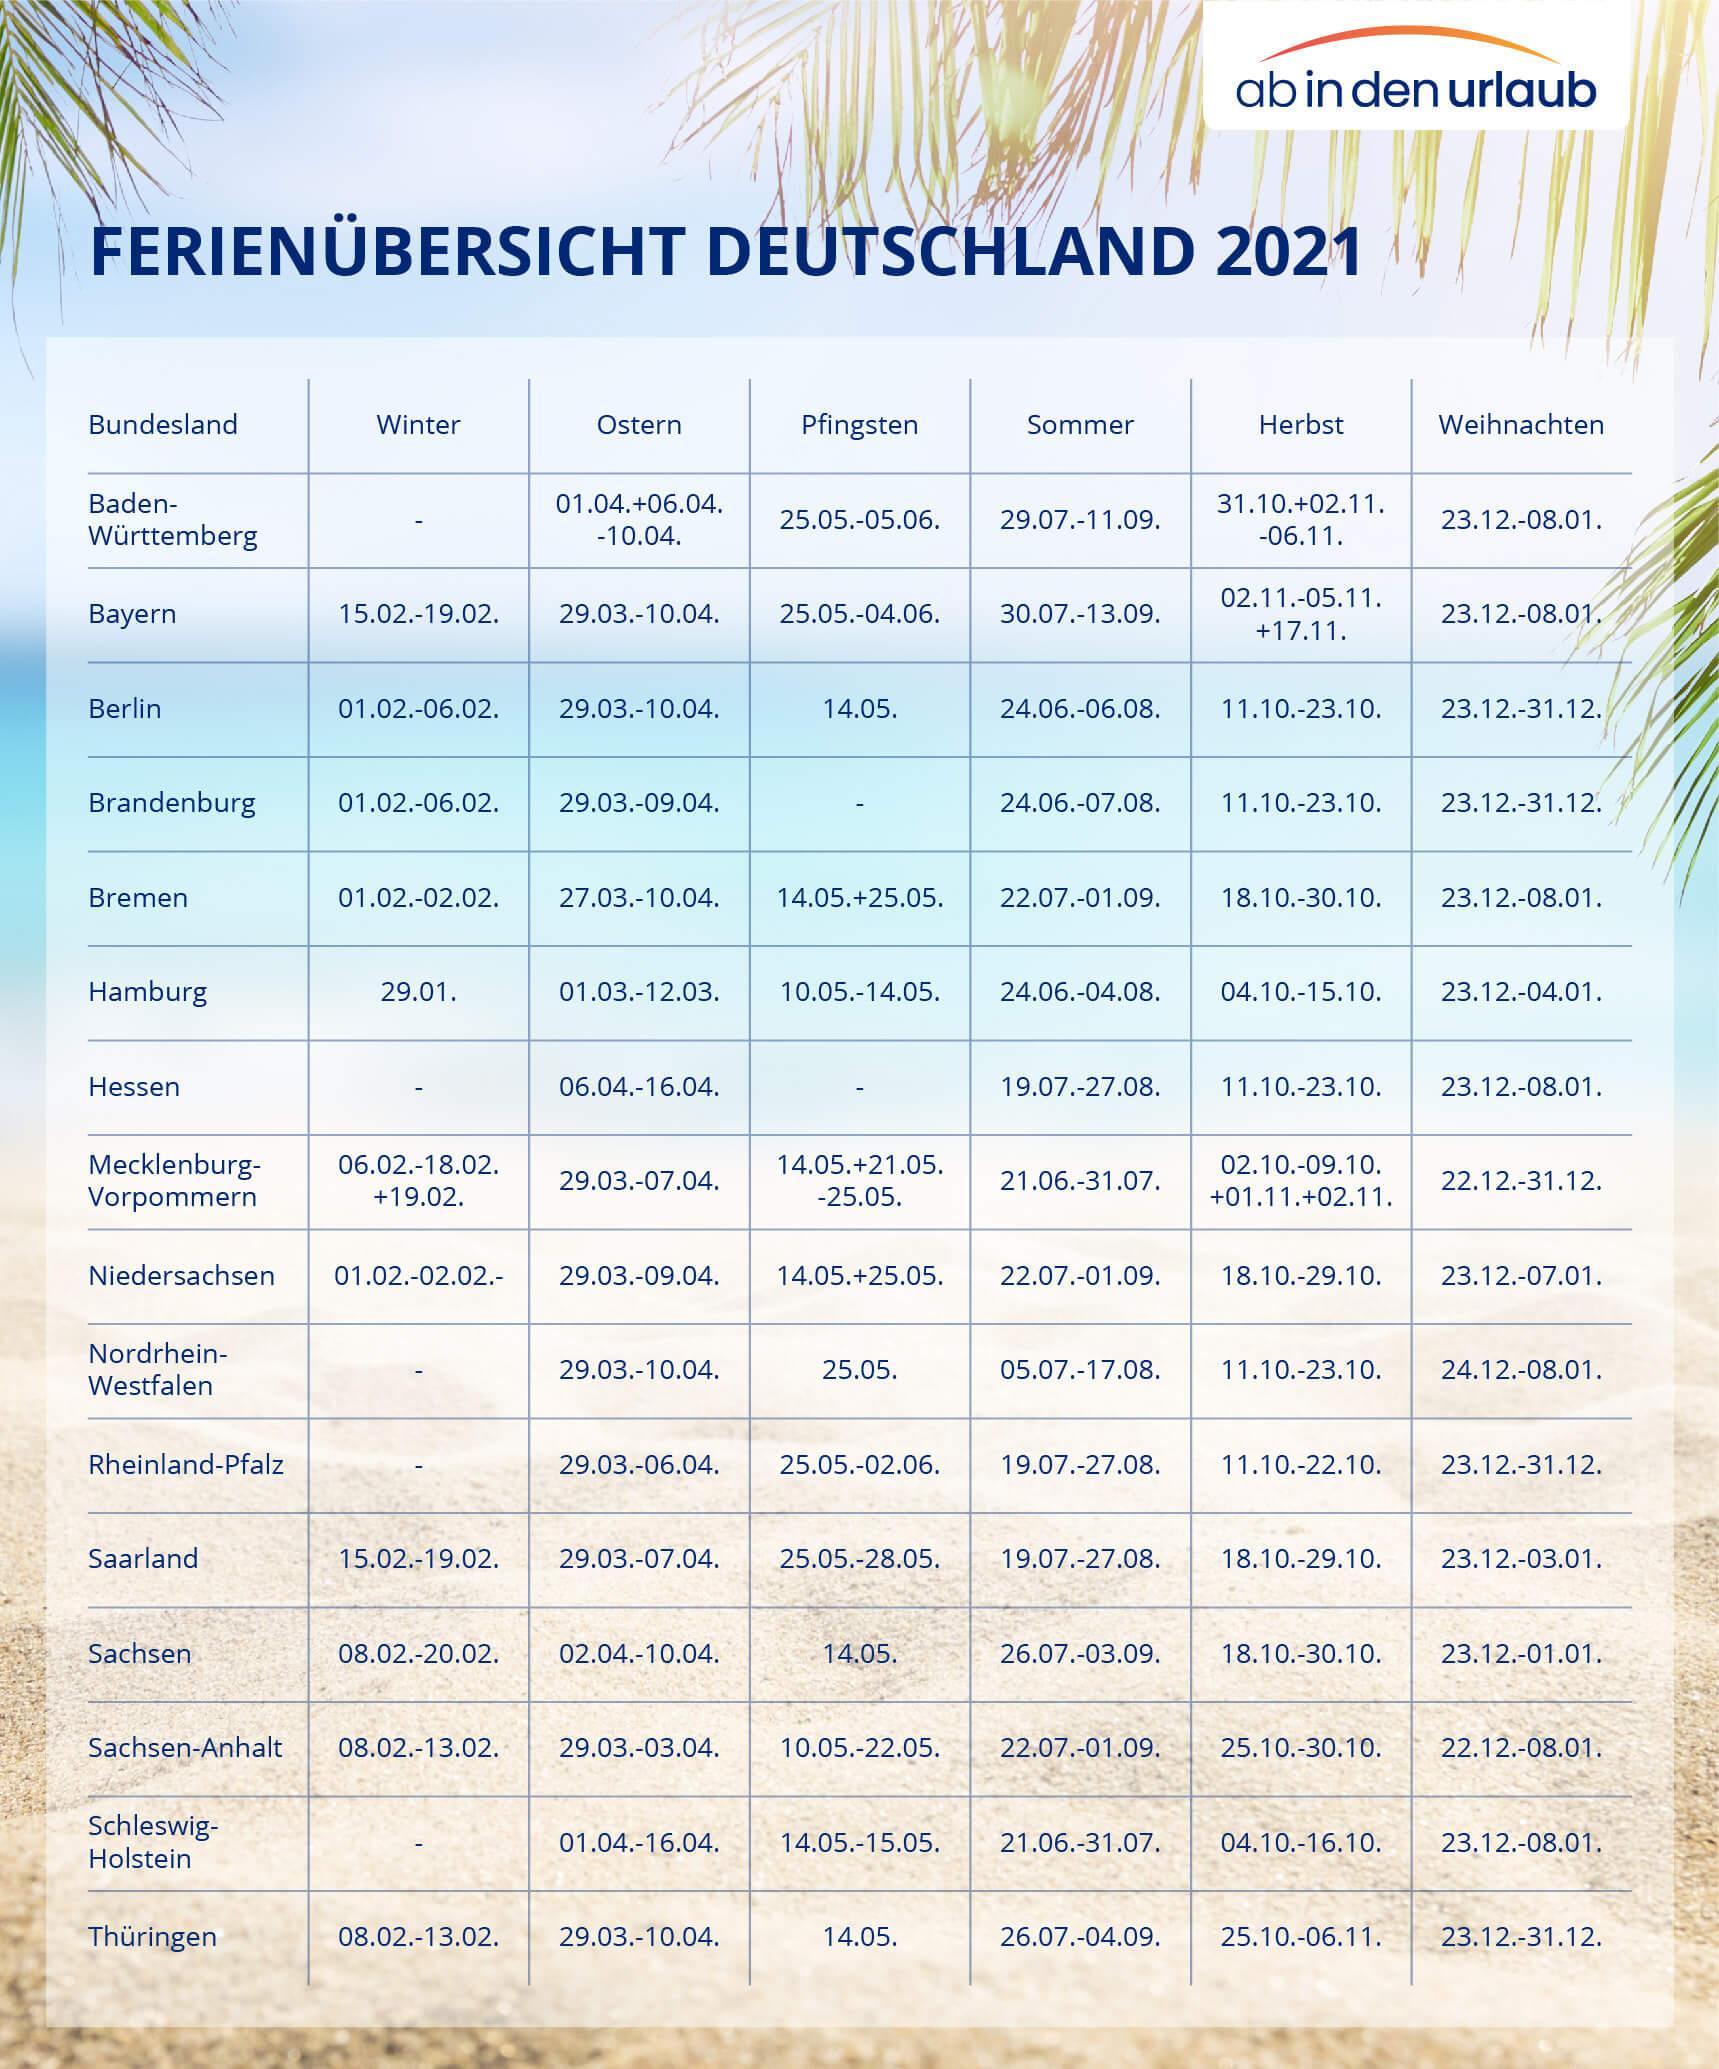 Ferien in Deutschland 2021